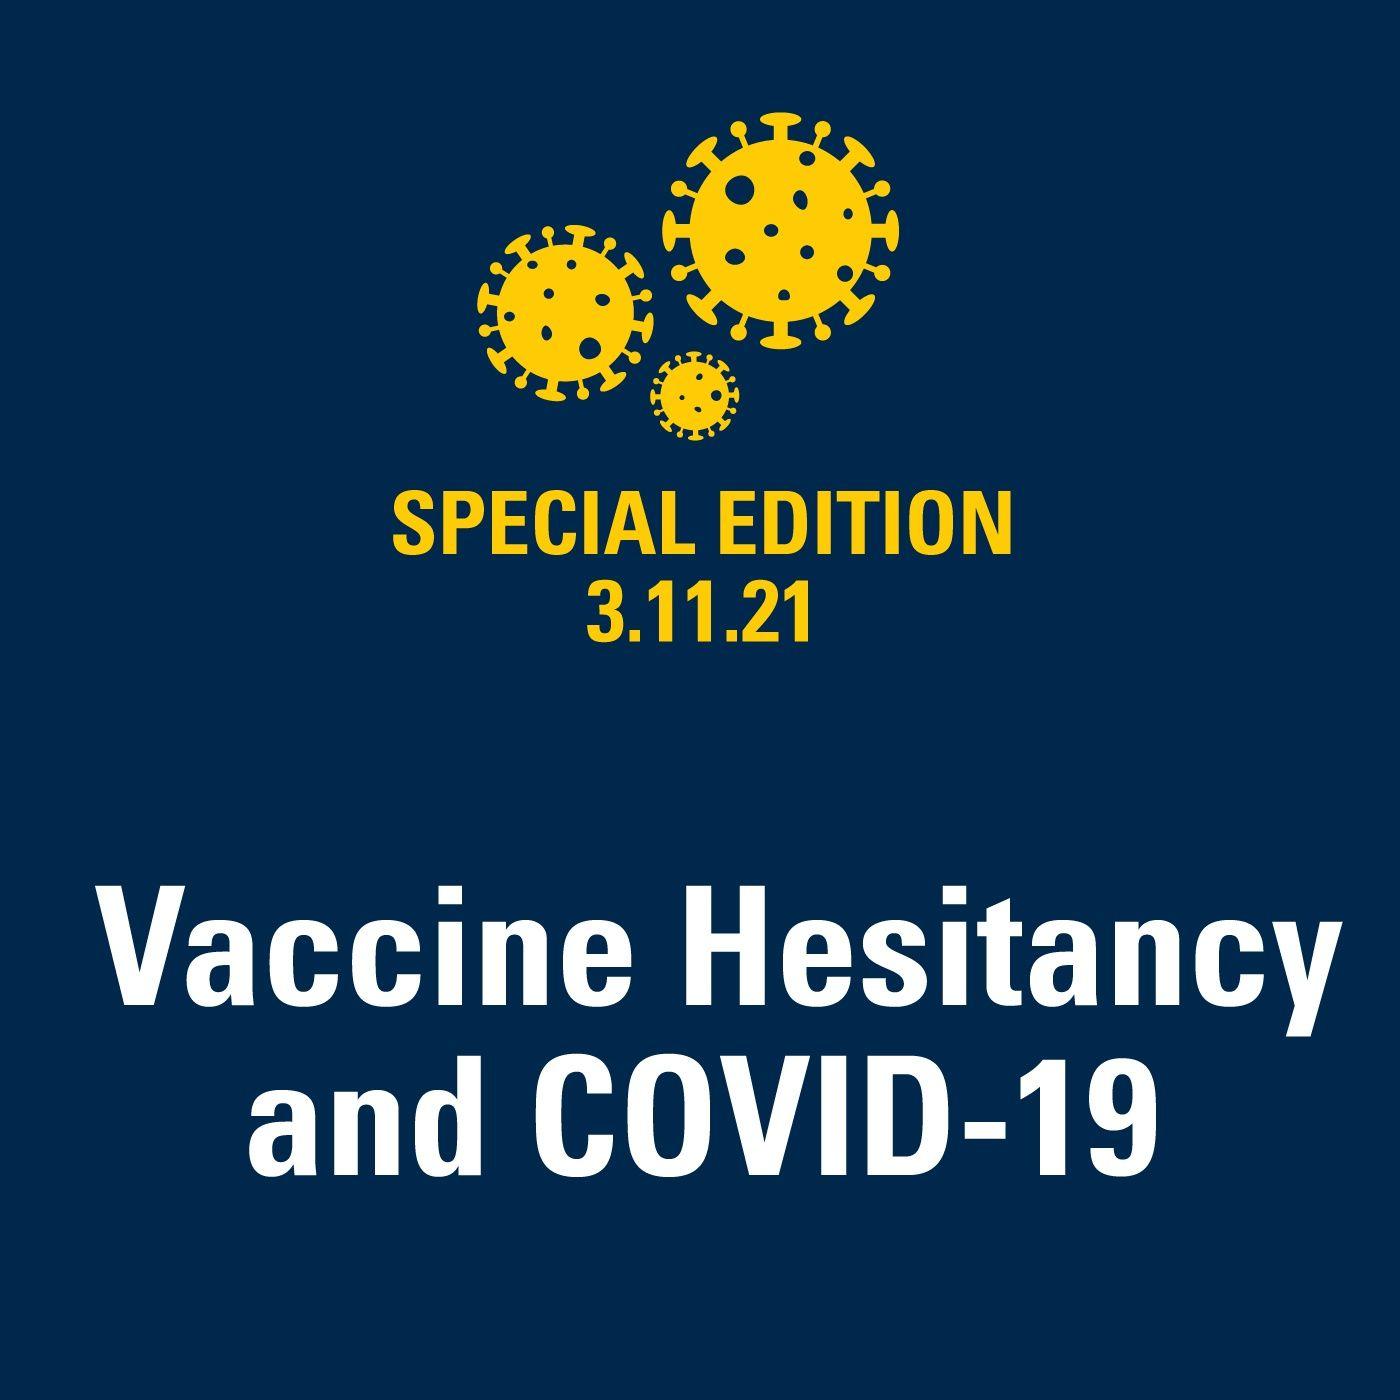 Vaccine Hesitancy and COVID-19 3.11.2021